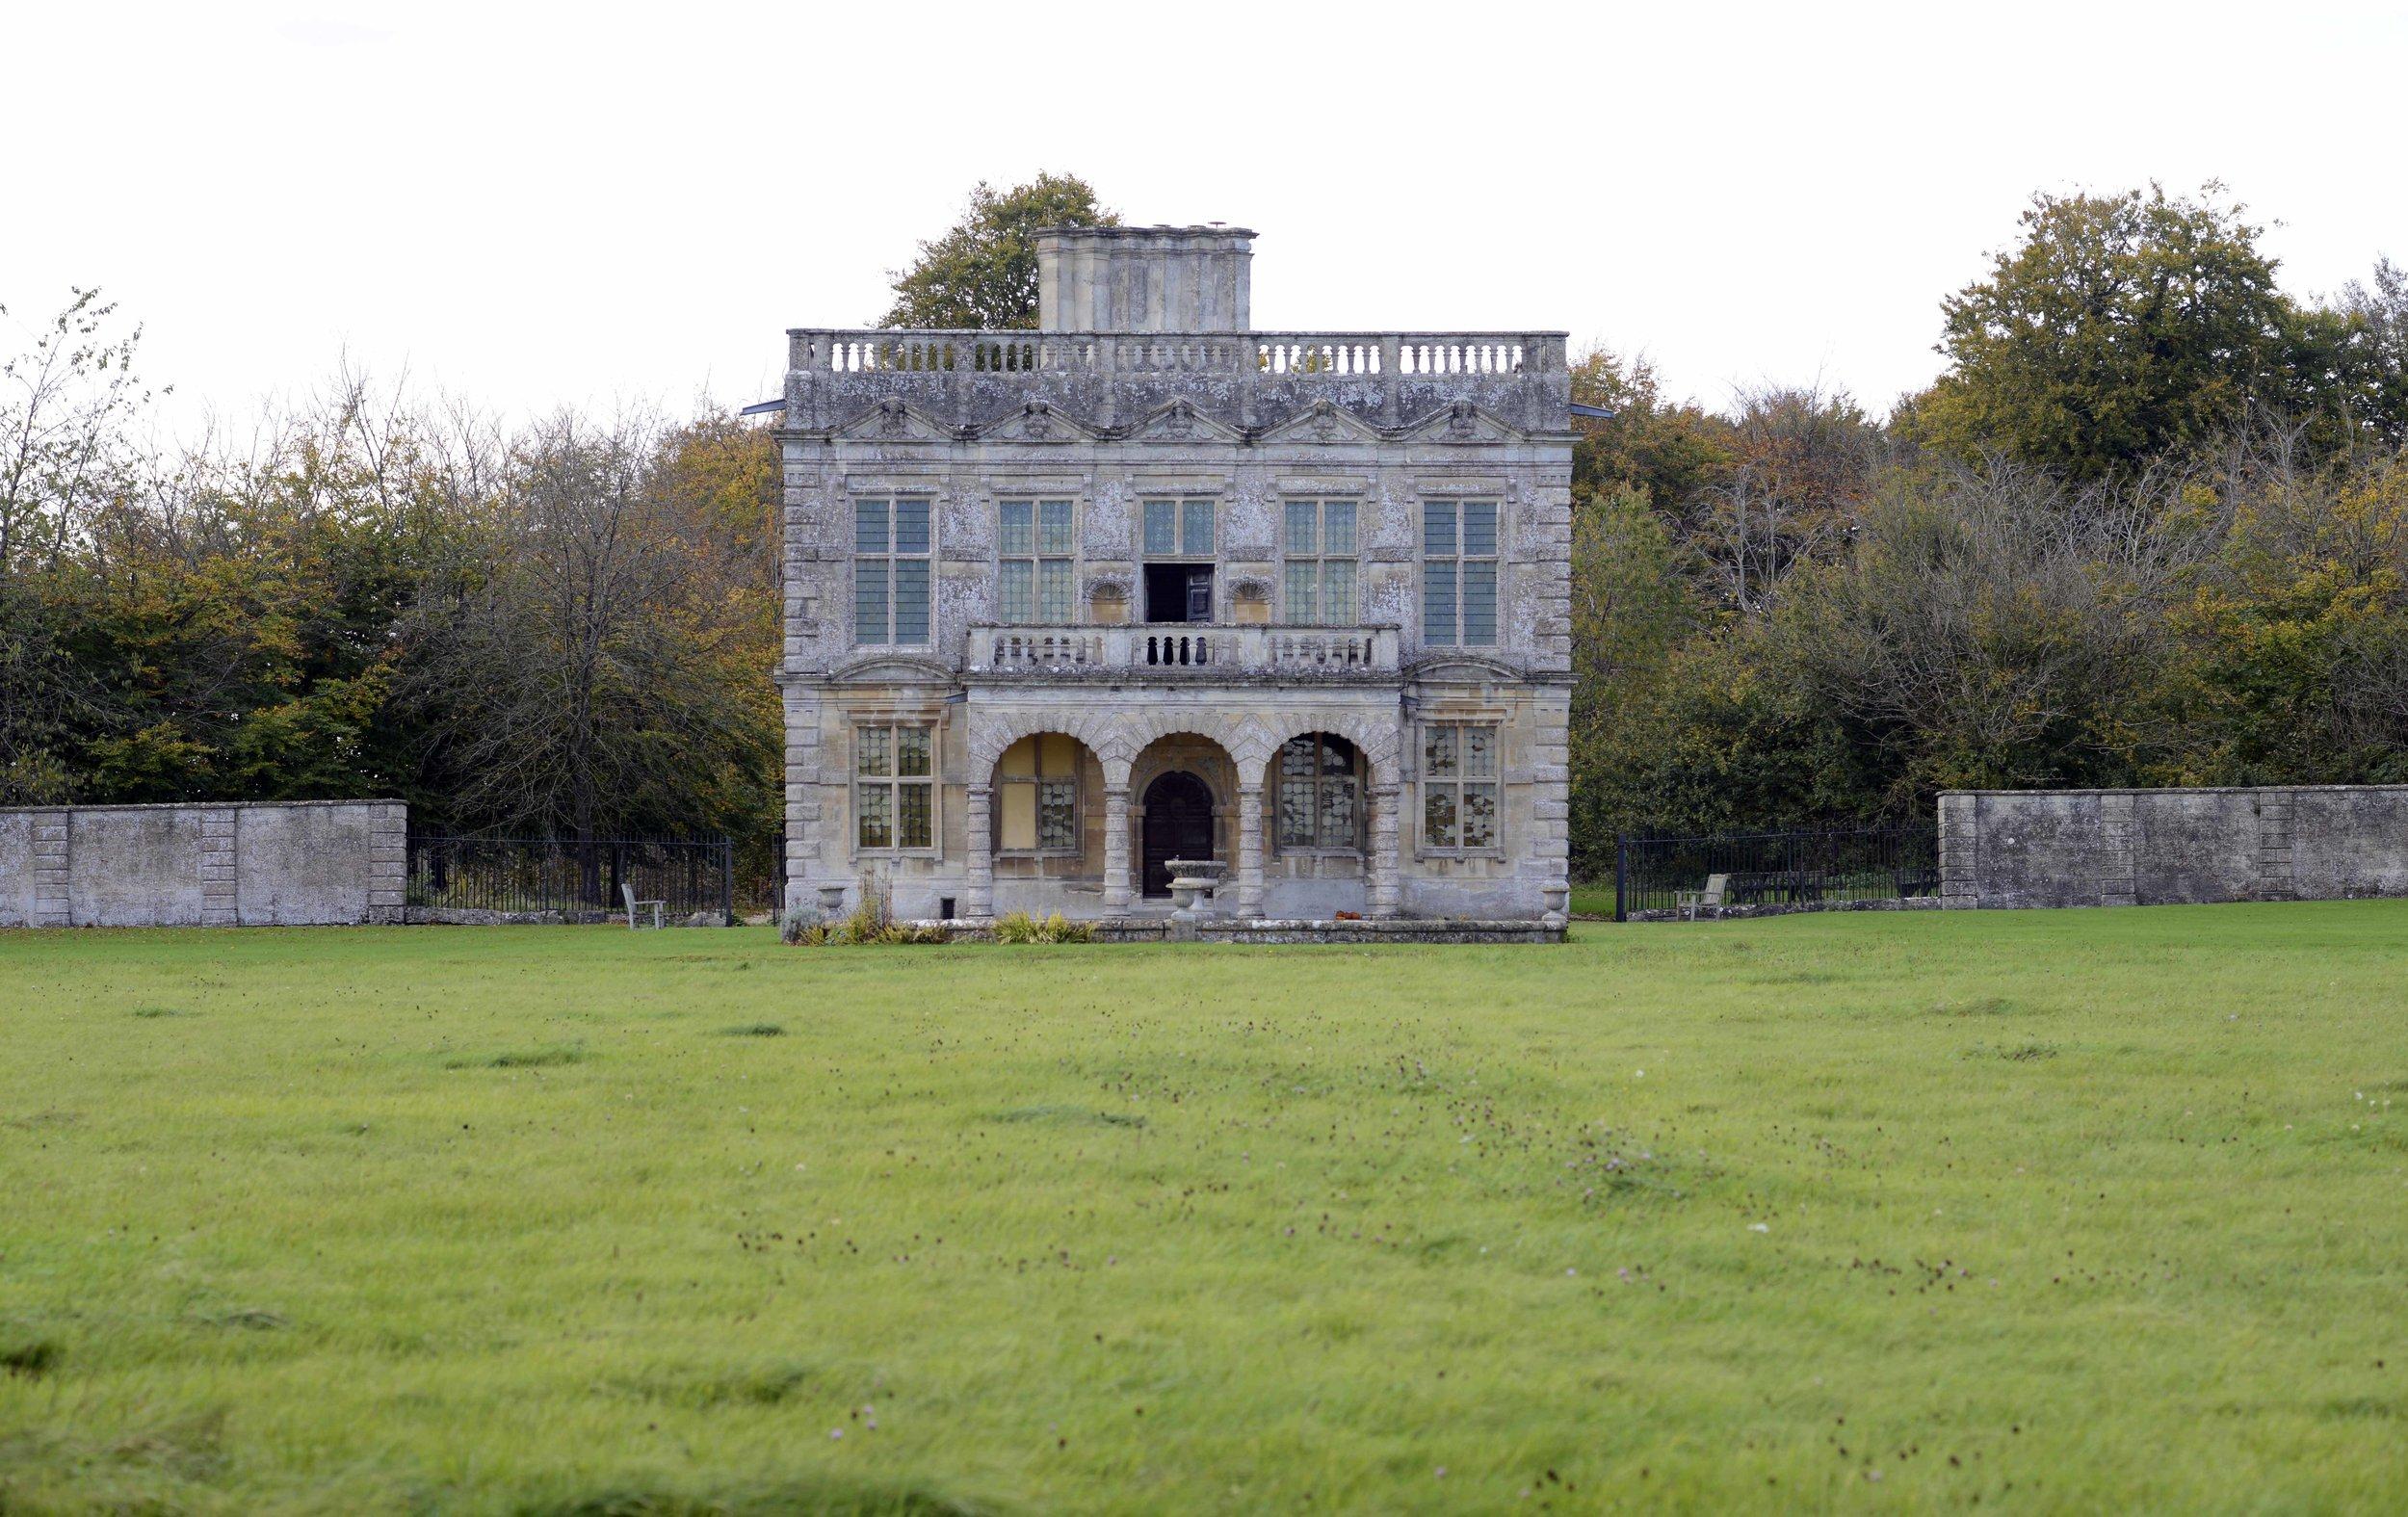 LOdge Park 1.jpg